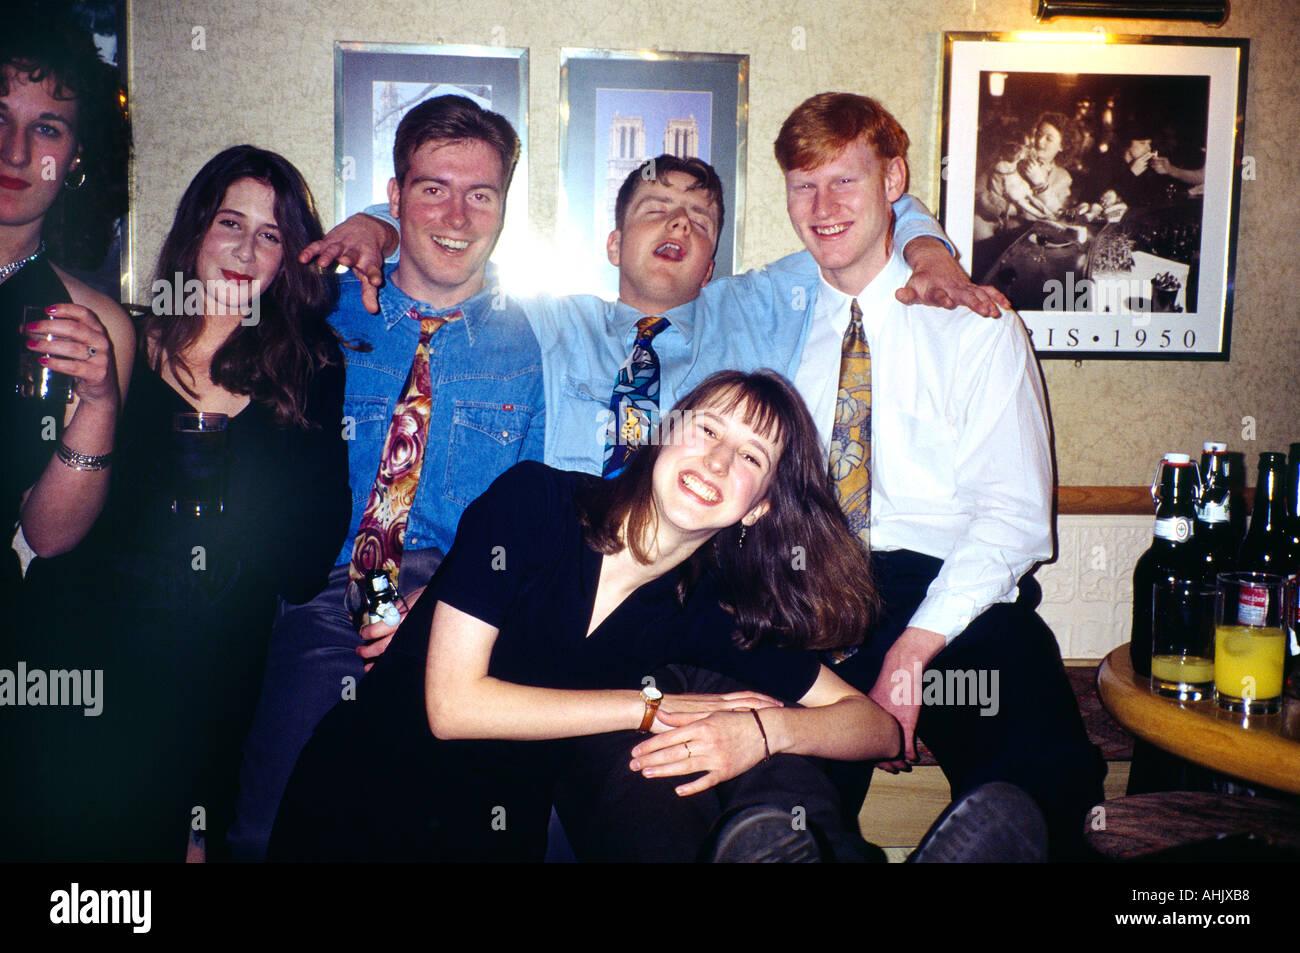 18 Geburtstag Party People Feiern Stockfoto Bild 4731575 Alamy